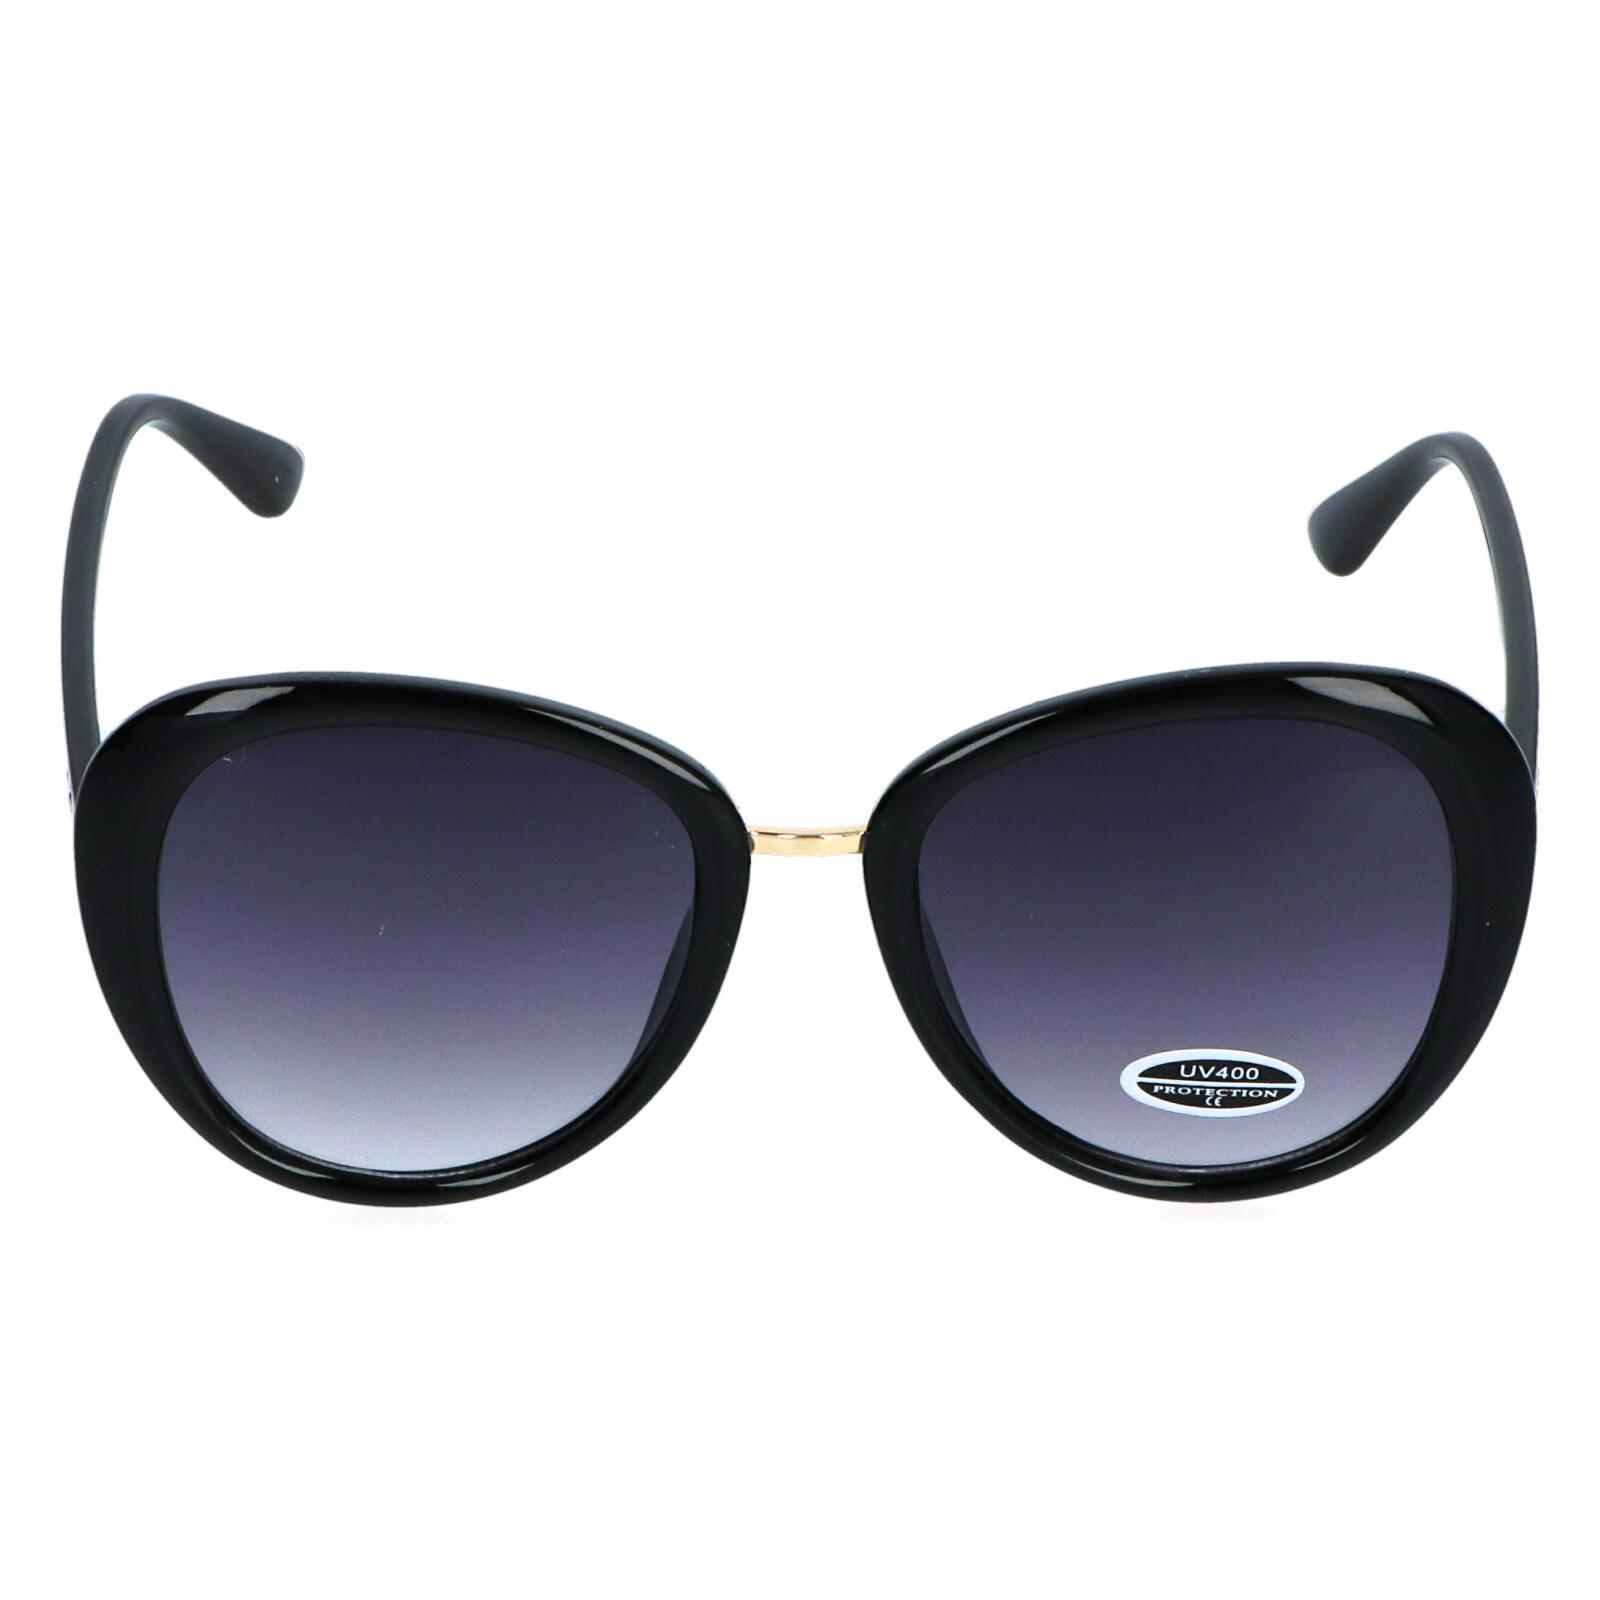 Dámské sluneční brýle černé - S3336